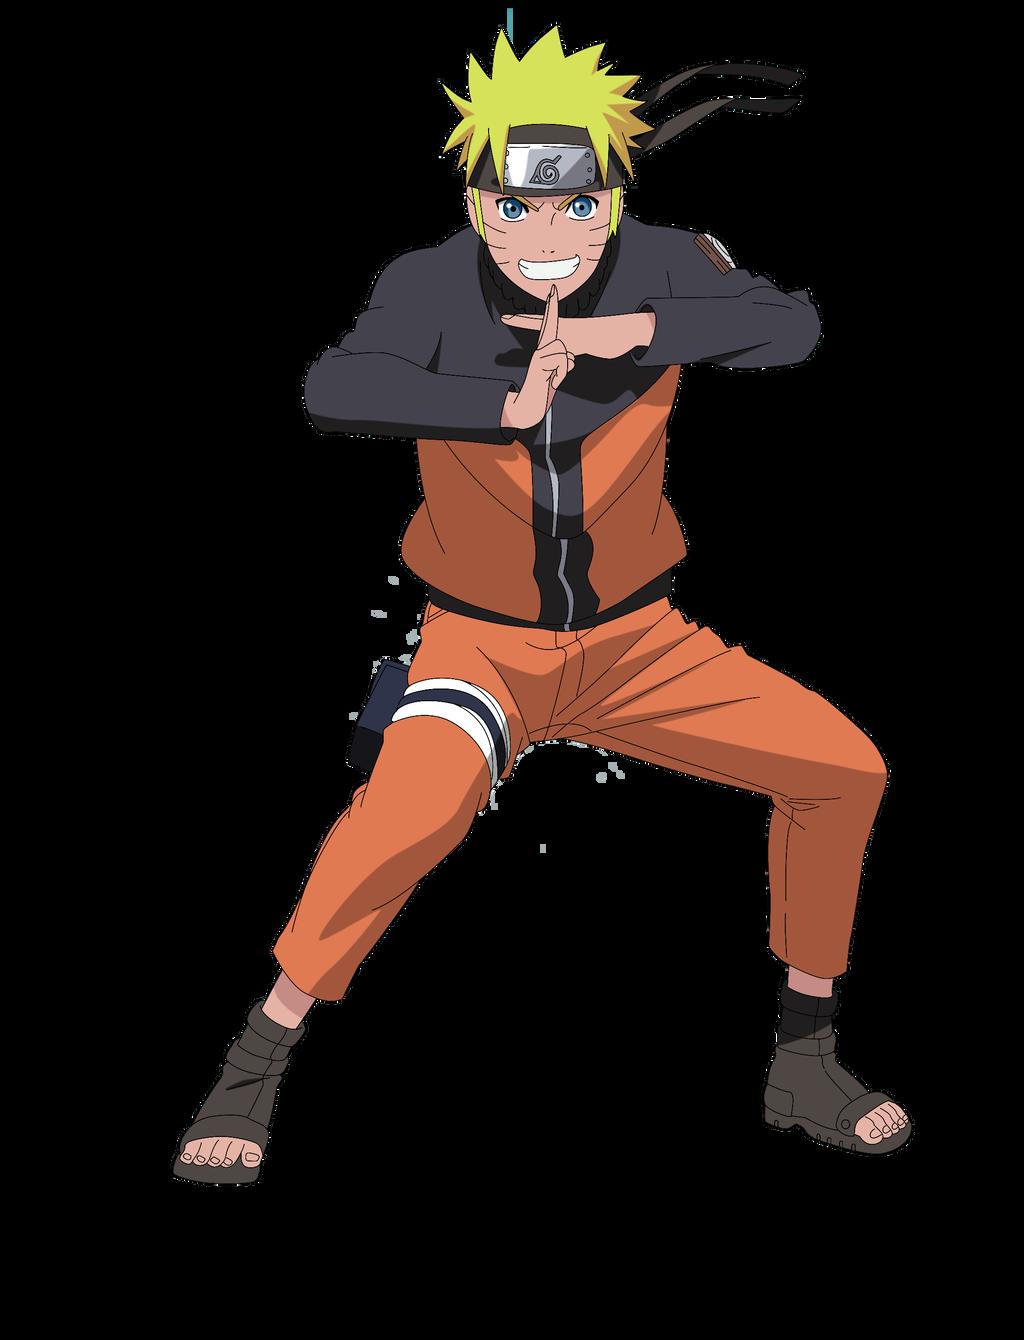 Naruto Render By Vdb1000 On Deviantart Naruto Uzumaki Naruto Naruto Images